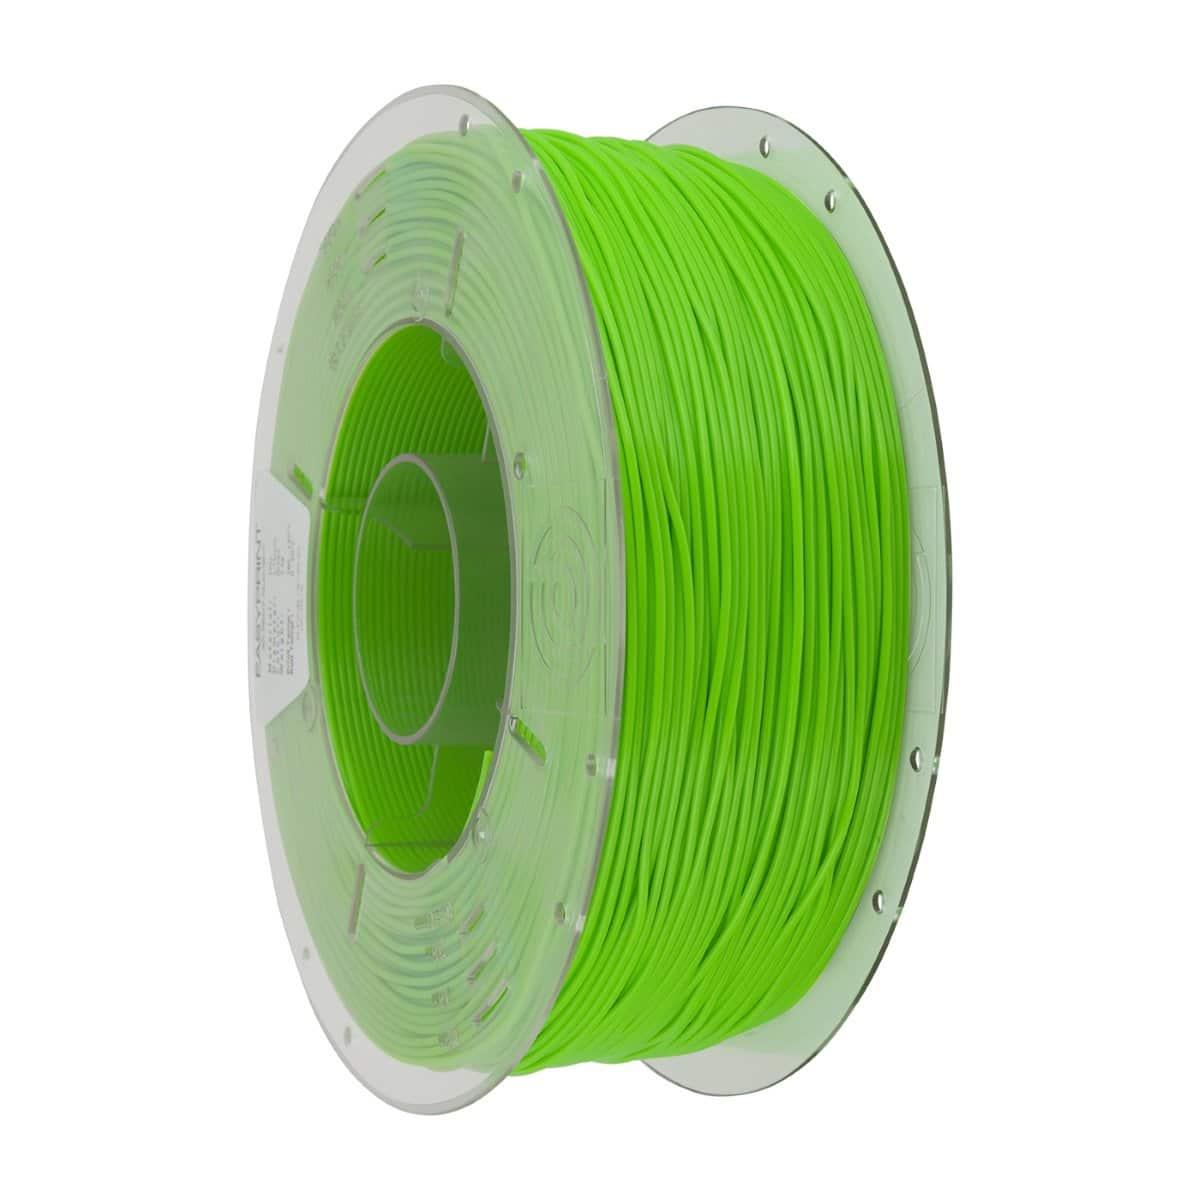 Image of PrimaCreator™ EasyPrint FLEX 95A - 1.75mm - 1 kg - Green